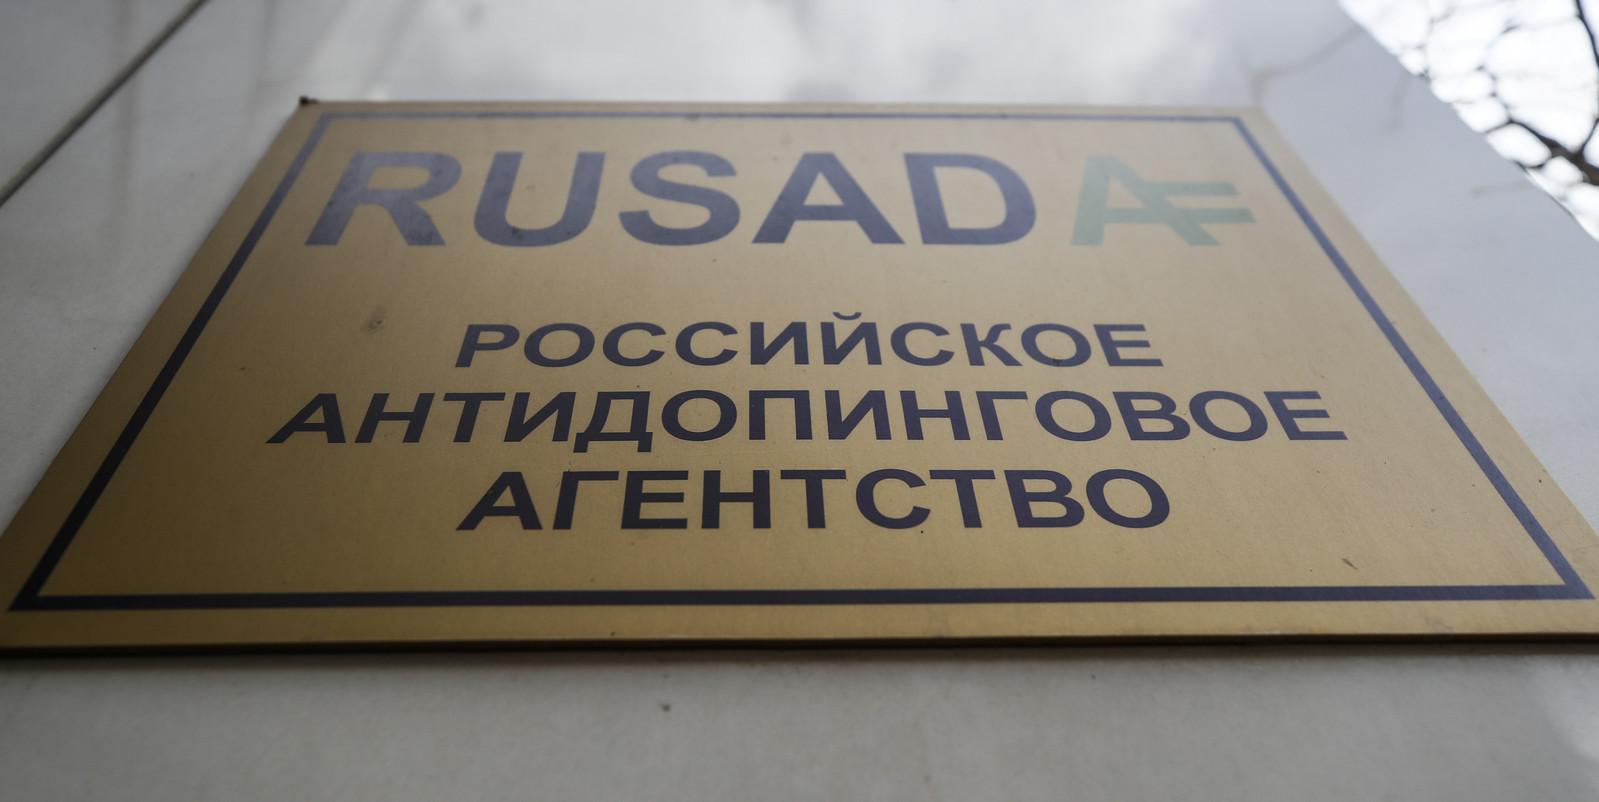 Rusada in Moskou.